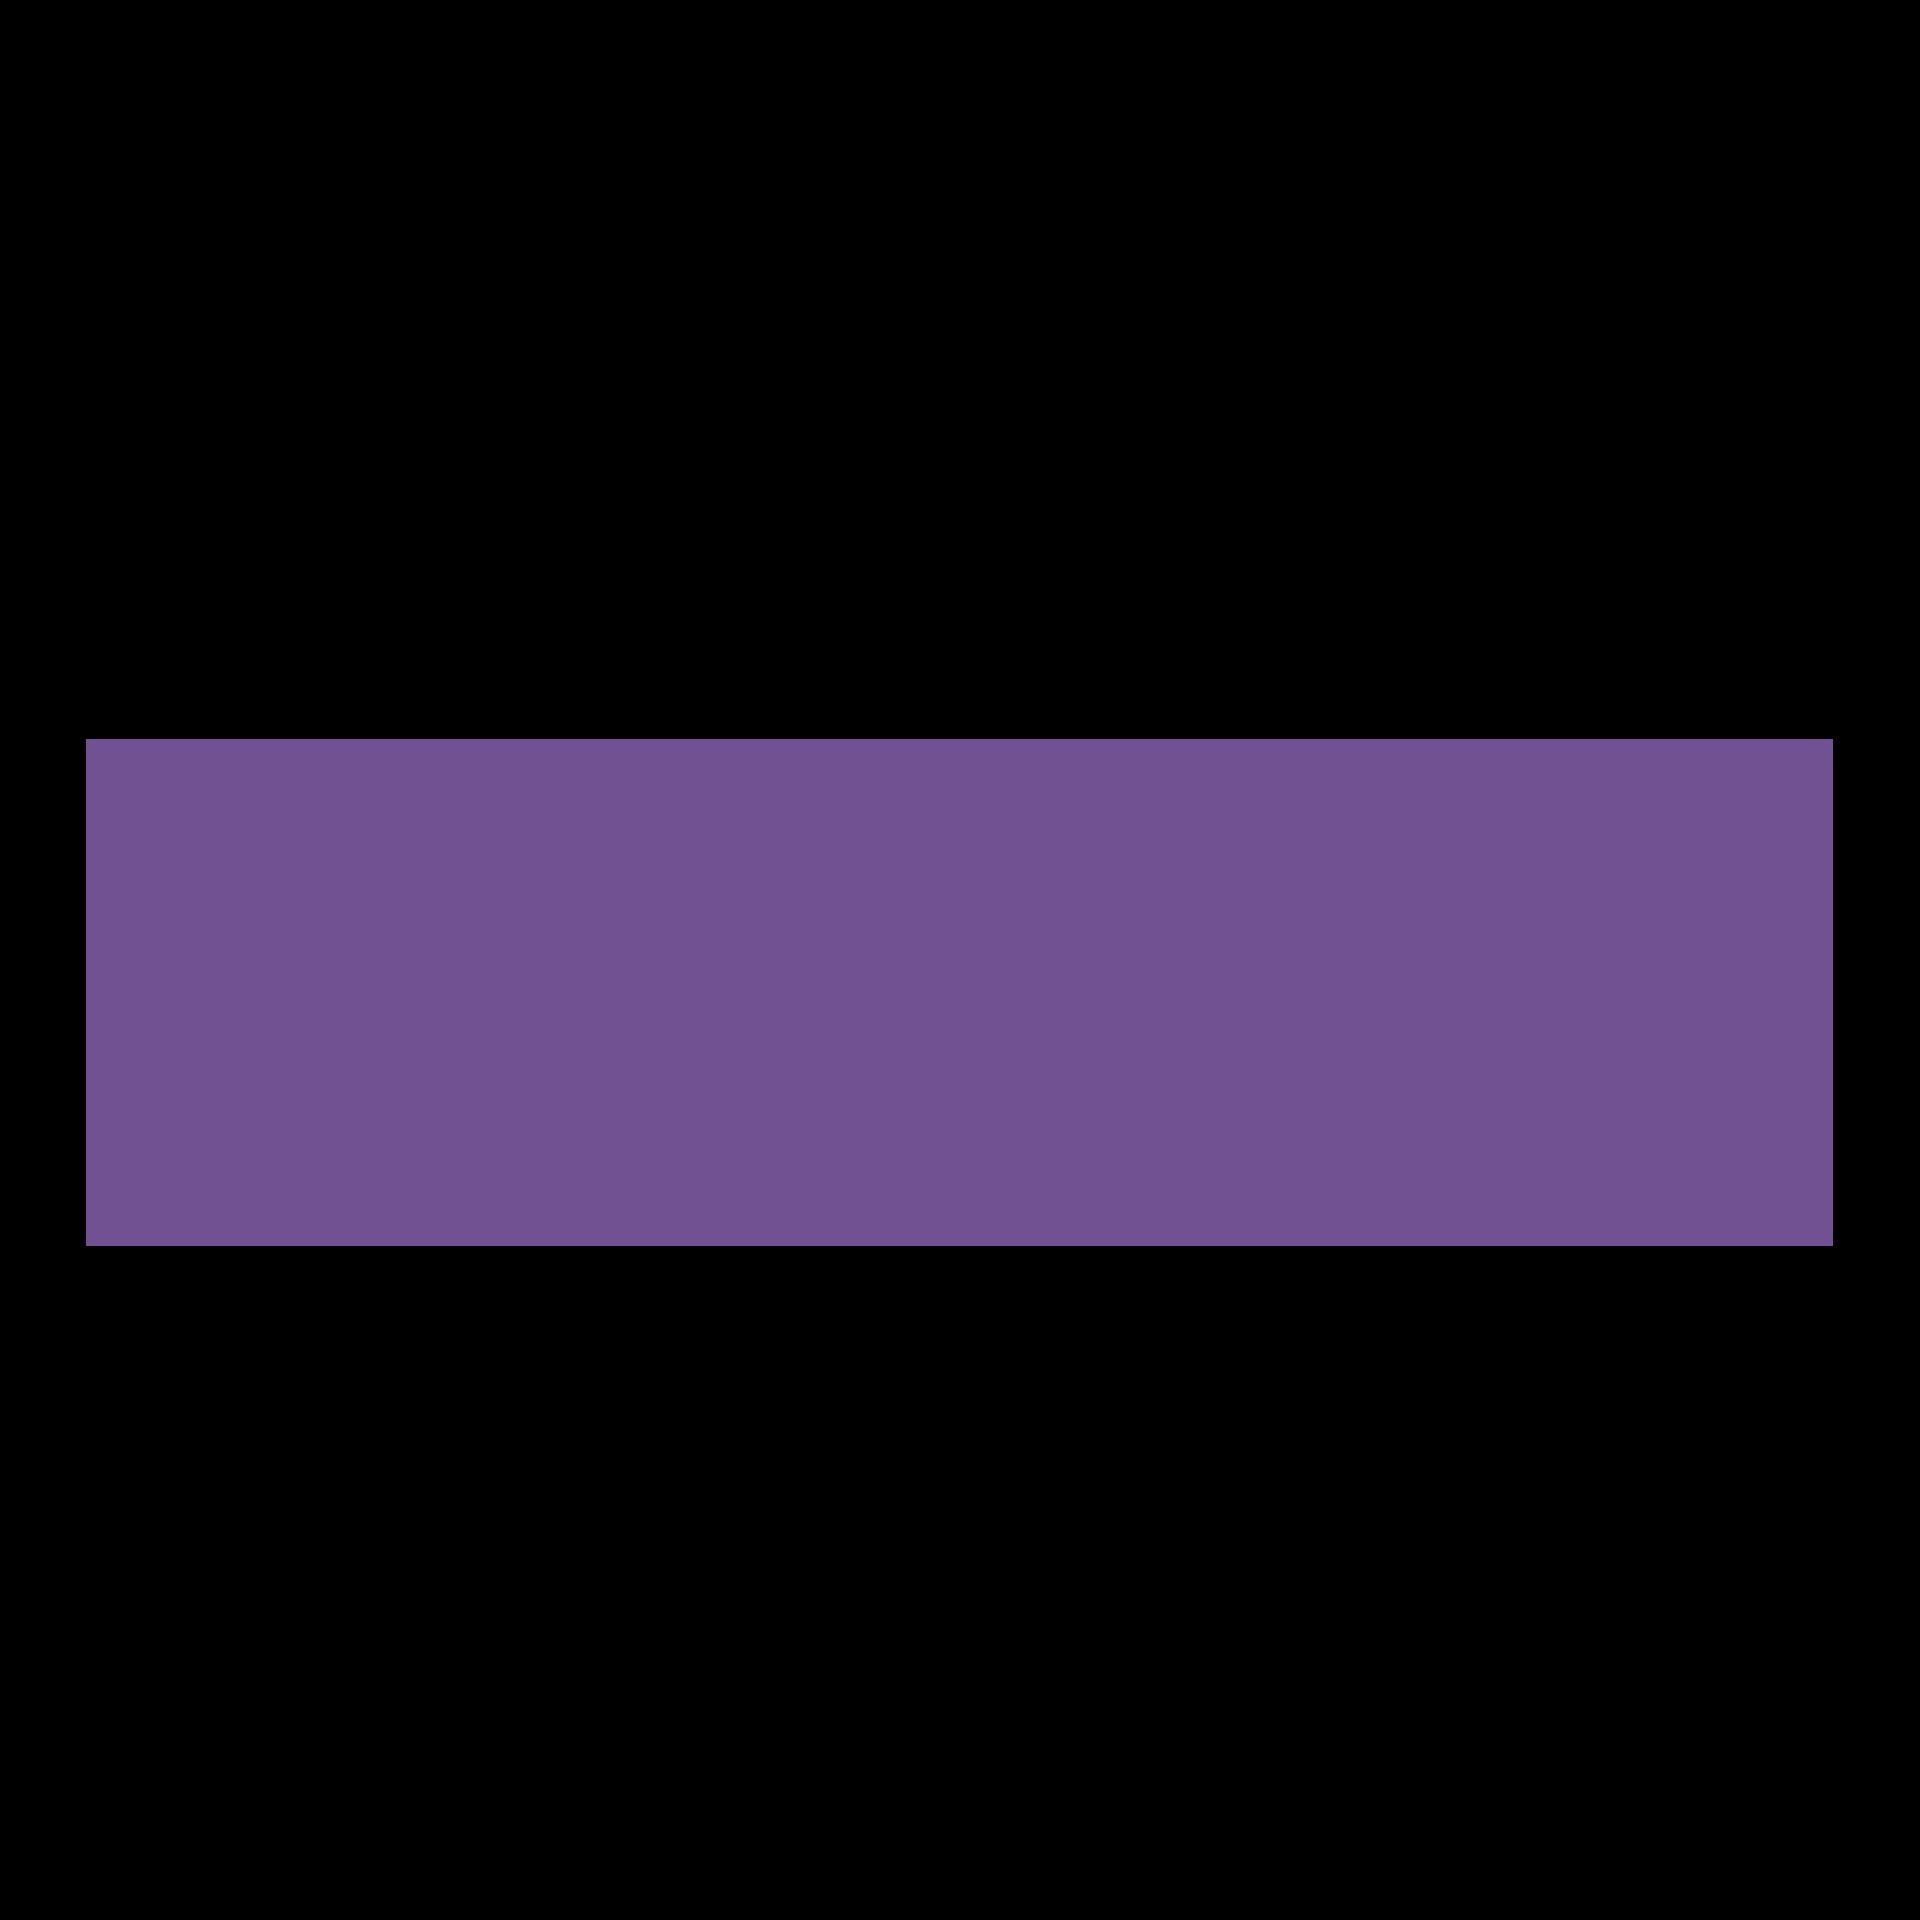 Aschehoug Undervisning